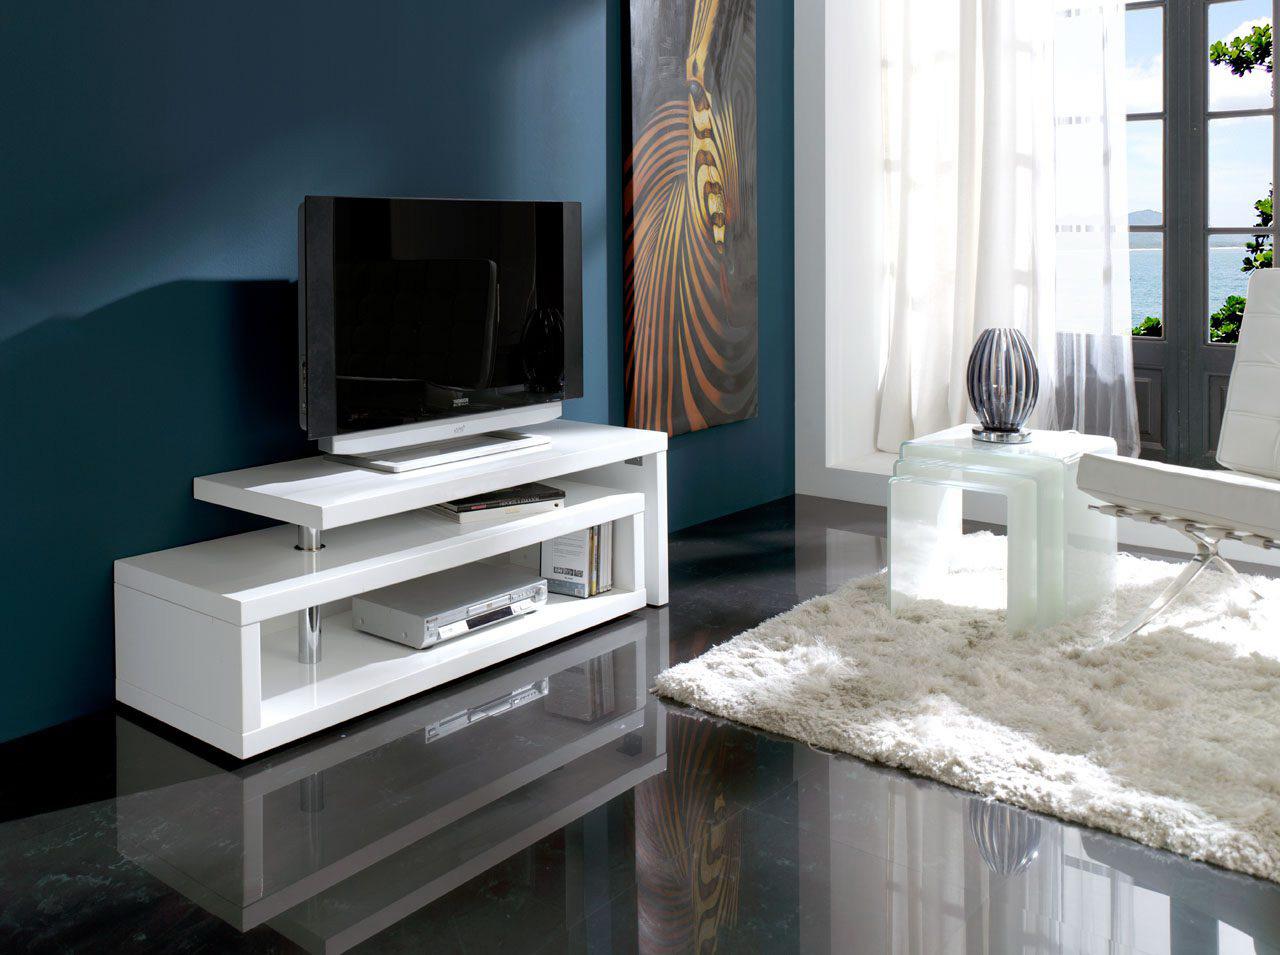 Тумбочки под телевизор в современном стиле фото